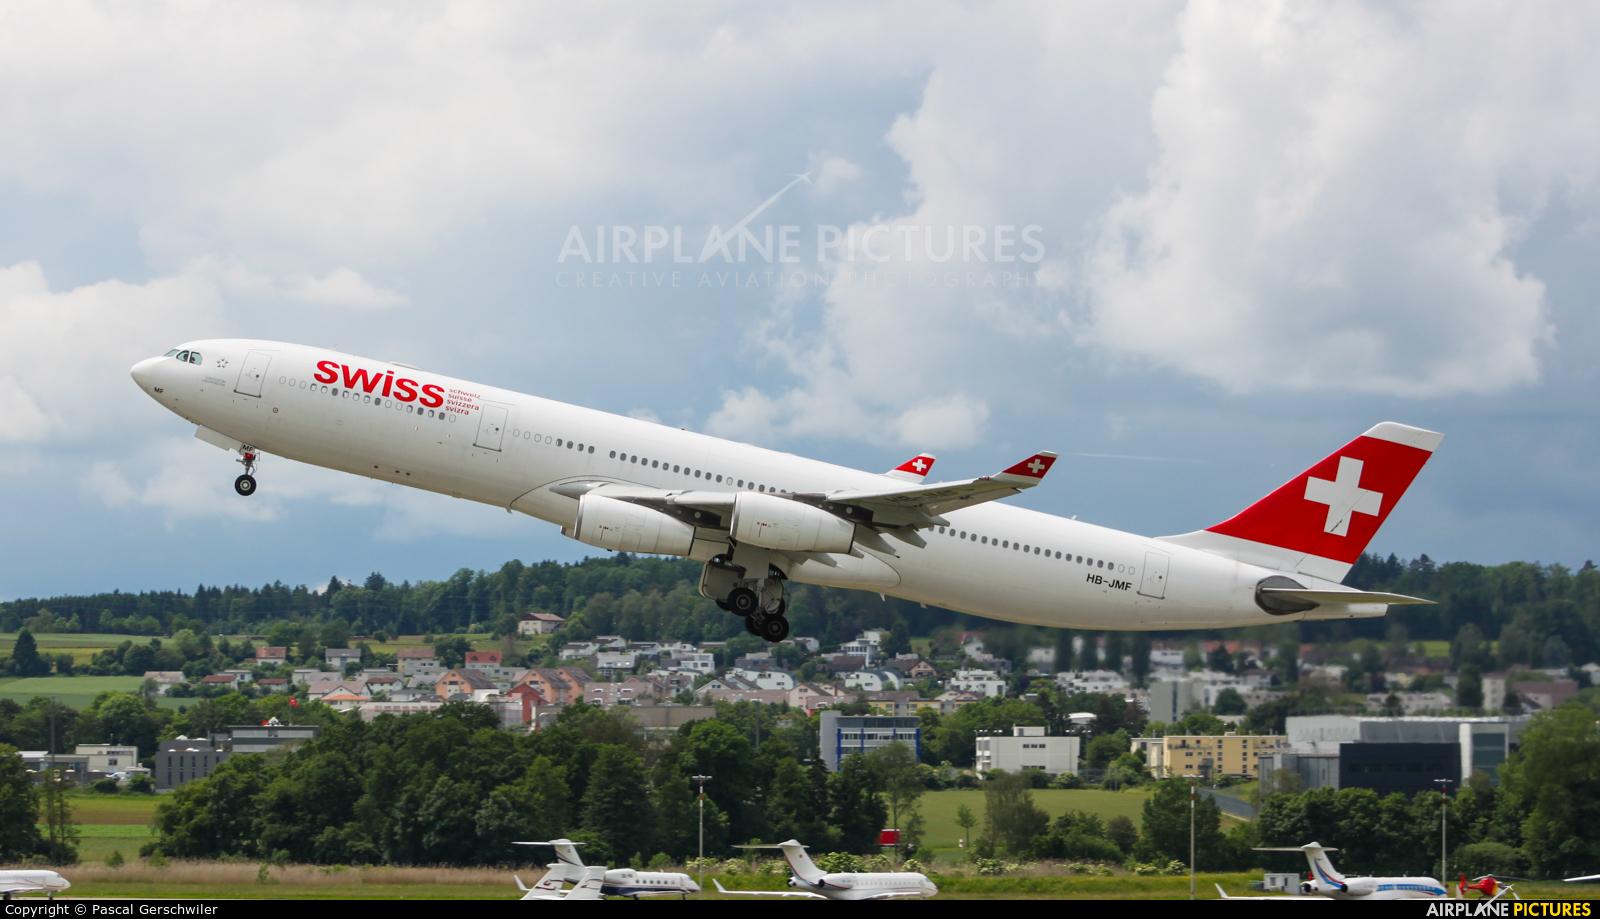 Swiss HB-JMF aircraft at Zurich